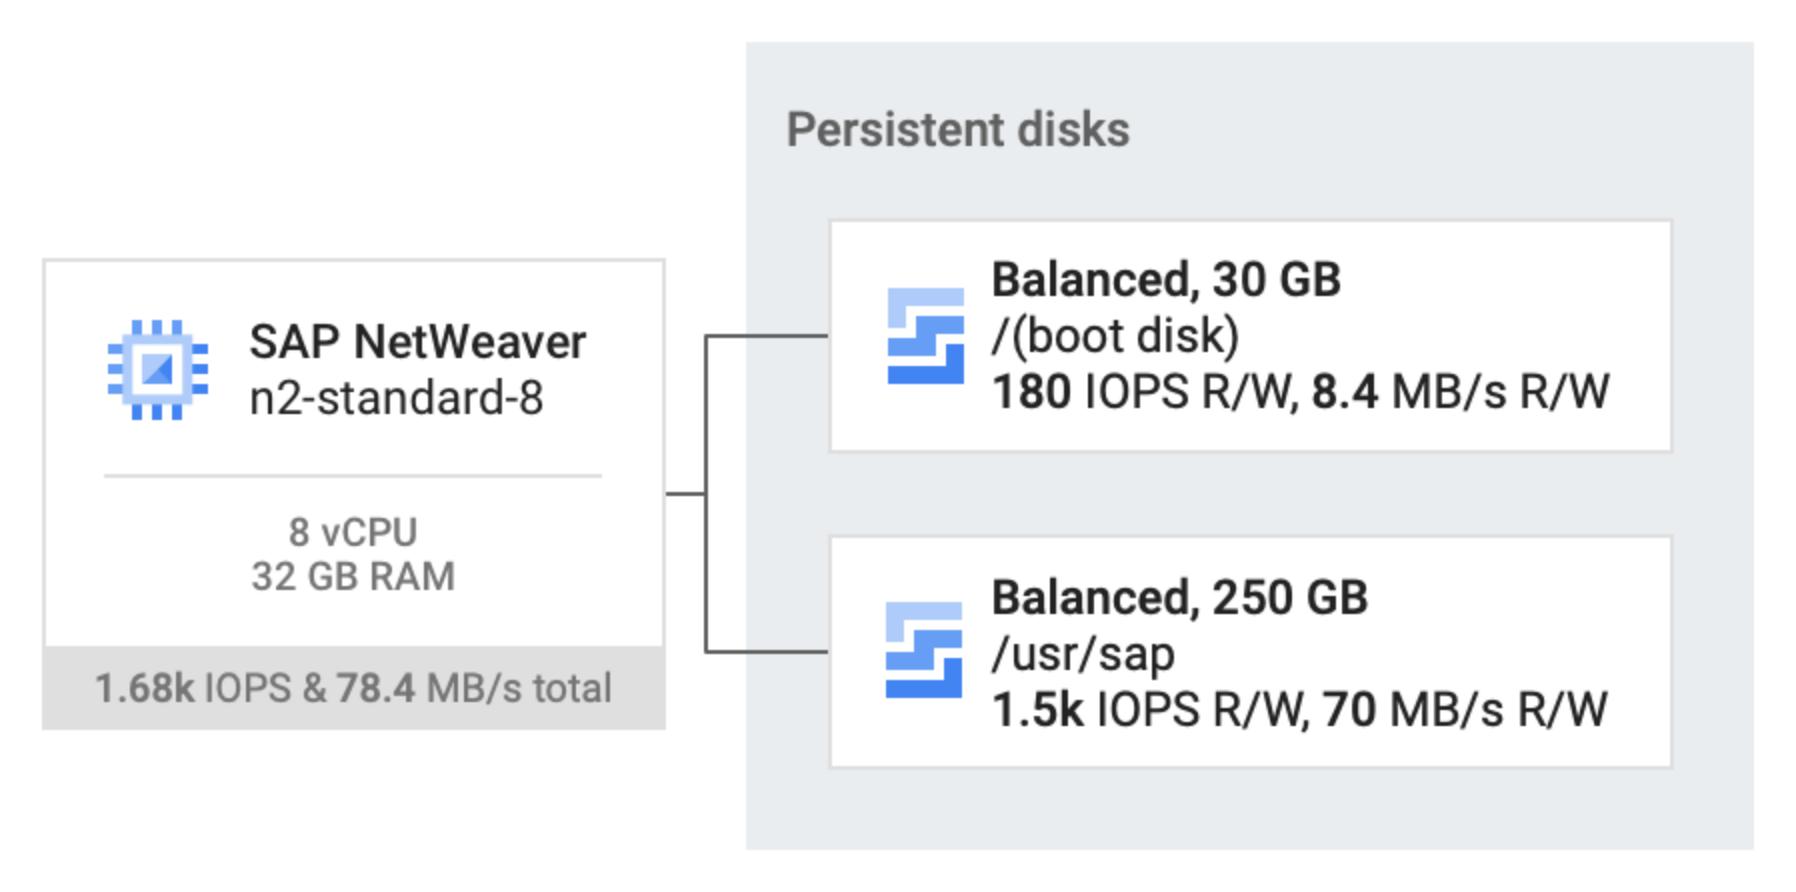 Zwei ausgewogene nichtflüchtige Speicher, 80 GB und die anderen 250 GB sind an eine n2-standard-32-Host-VM angehängt, auf der SAP NetWeaver ausgeführt wird